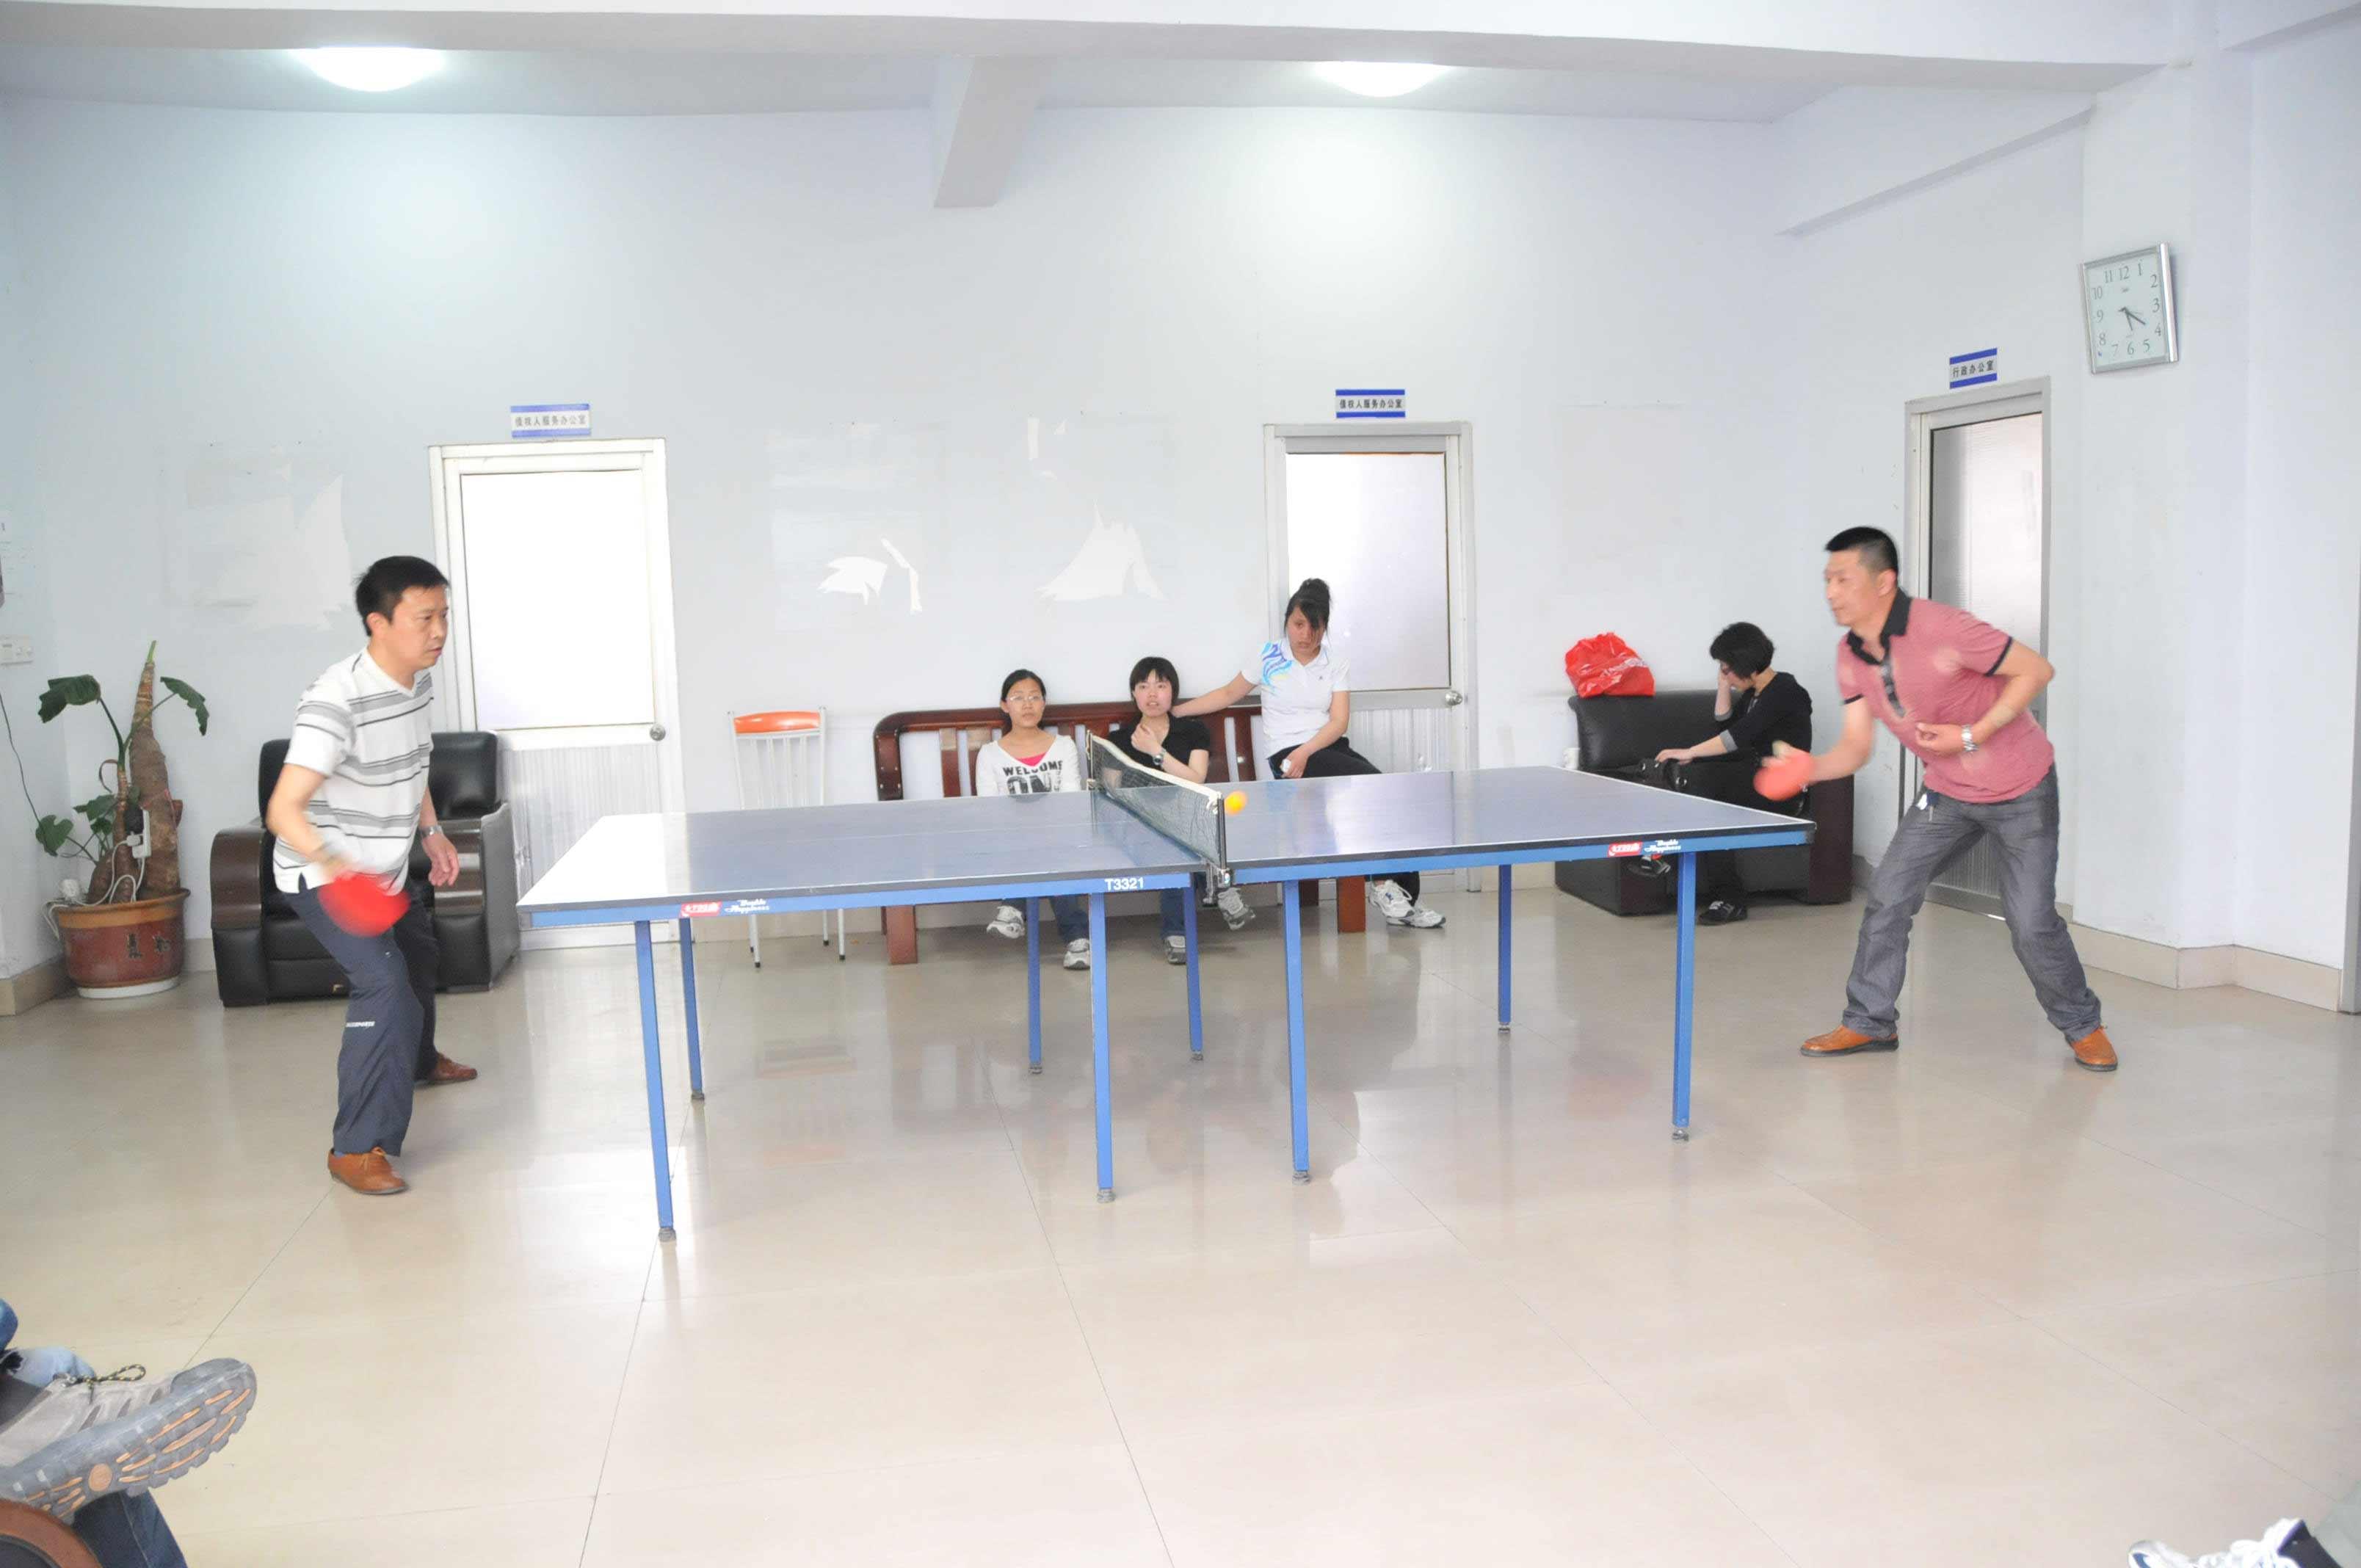 五·四青年节乒乓球比赛